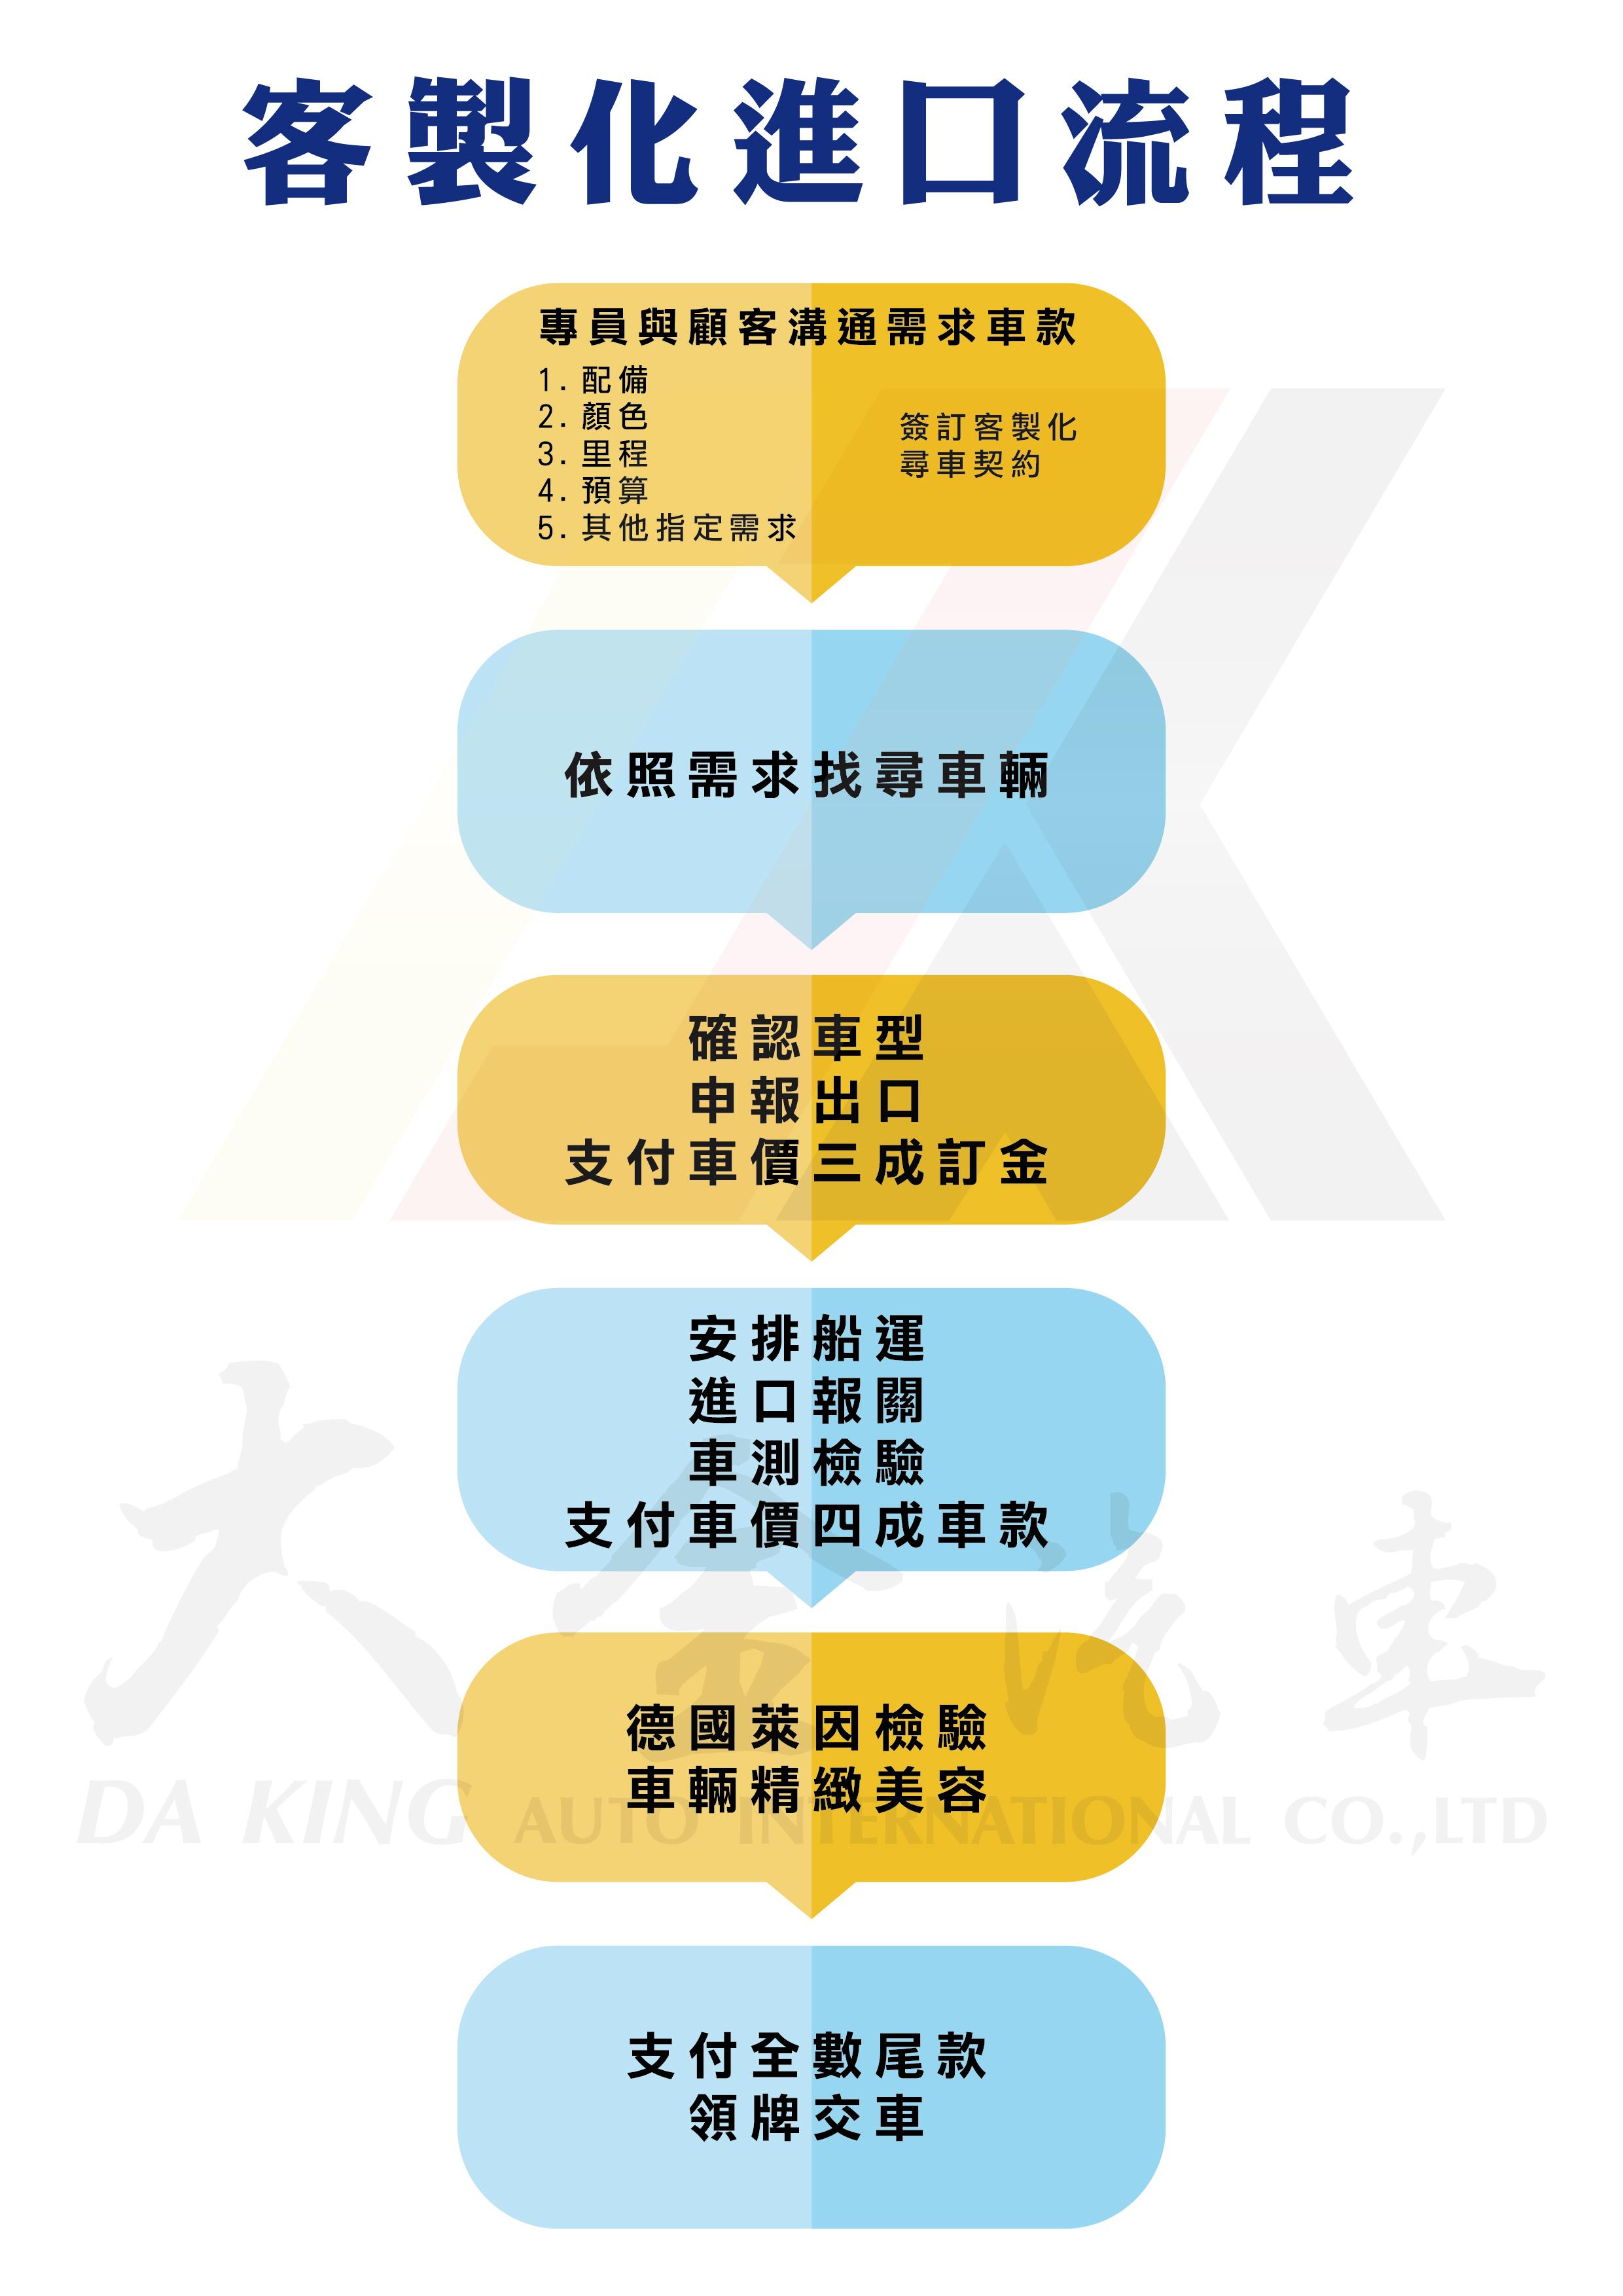 客製化訂購流程表